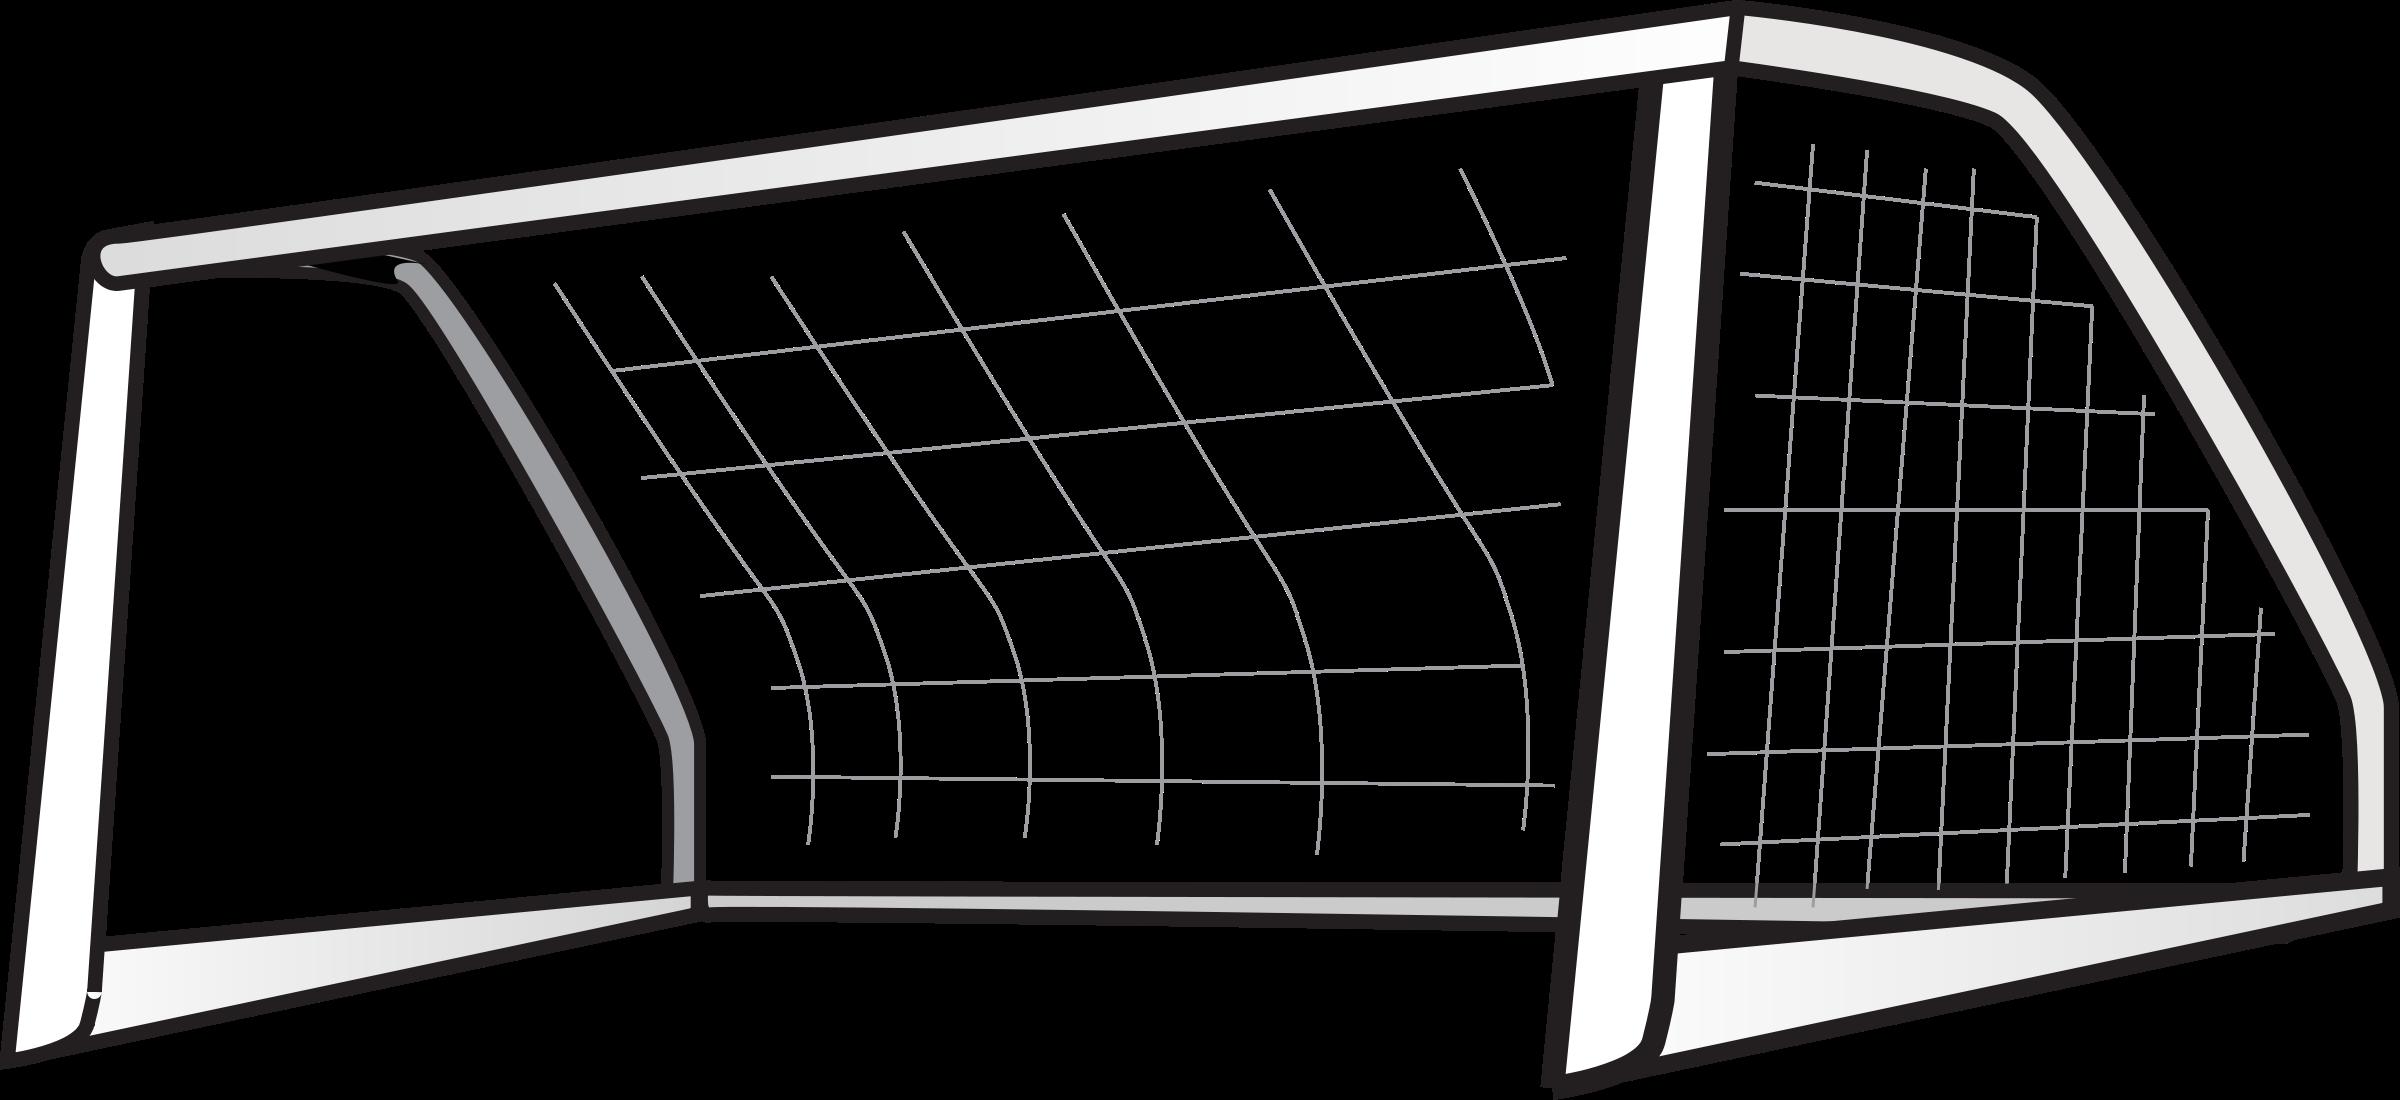 soccer goal clip art clipart panda free clipart images rh clipartpanda com soccer goal clipart black and white soccer goal net clipart